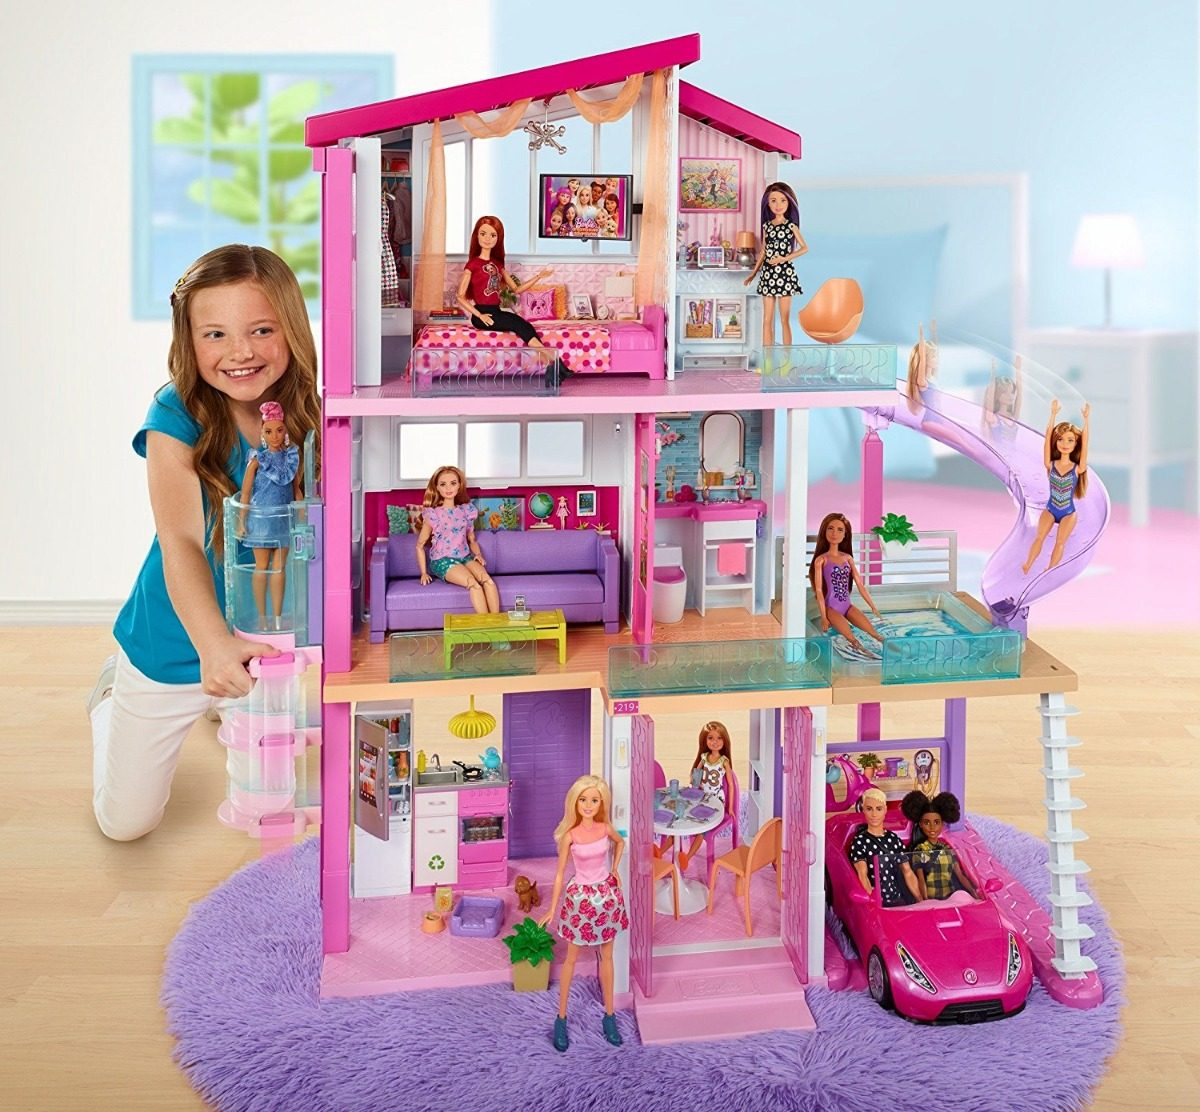 Casa De Los Suenos 2018 Barbie 360 Fhy73 3 299 00 En Mercado Libre